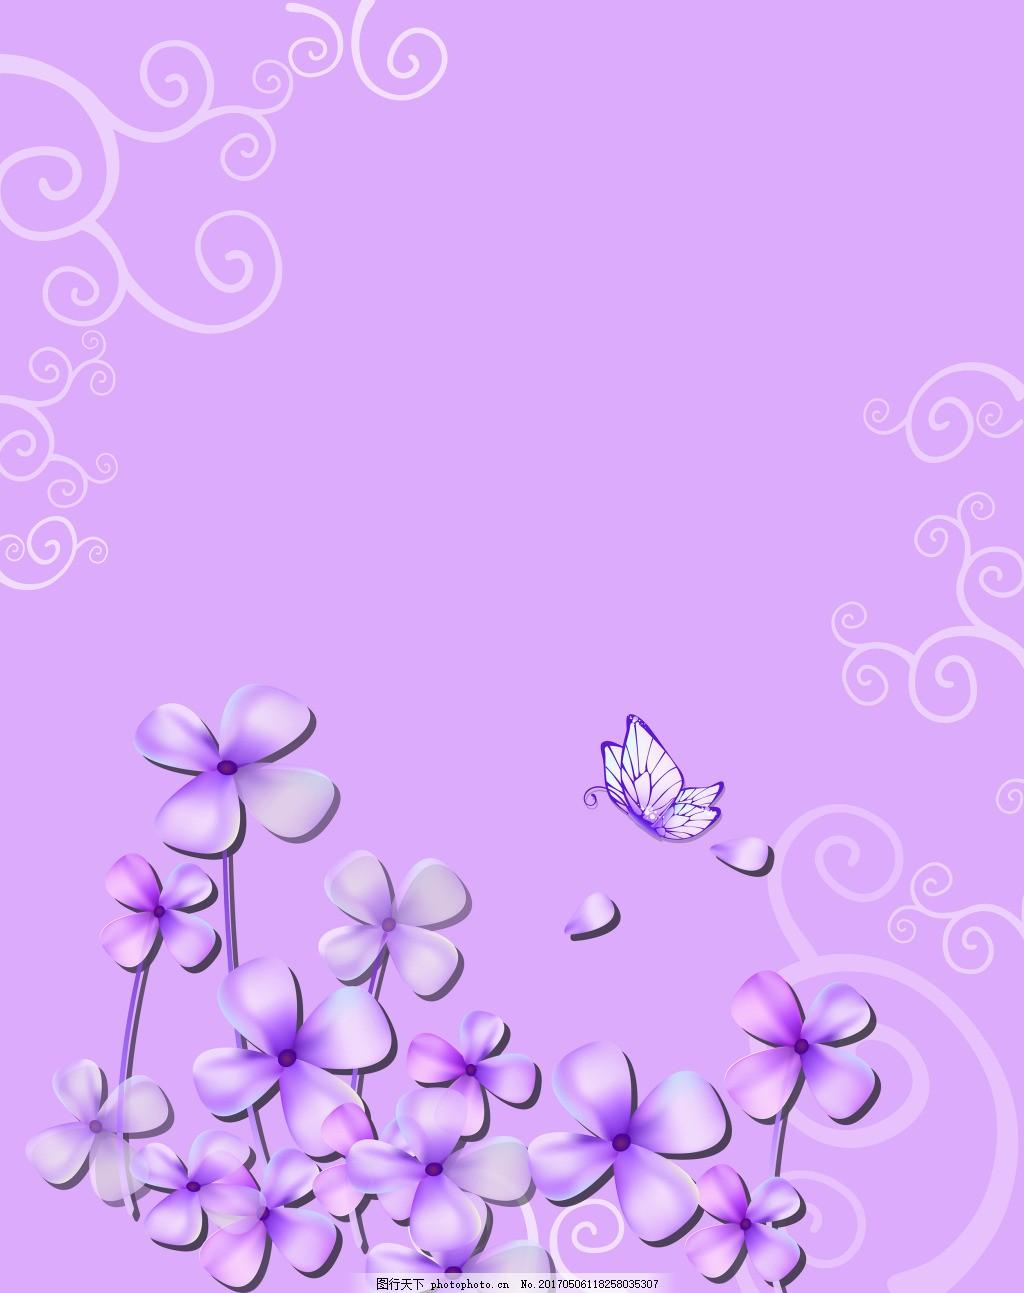 手绘紫色花朵背景